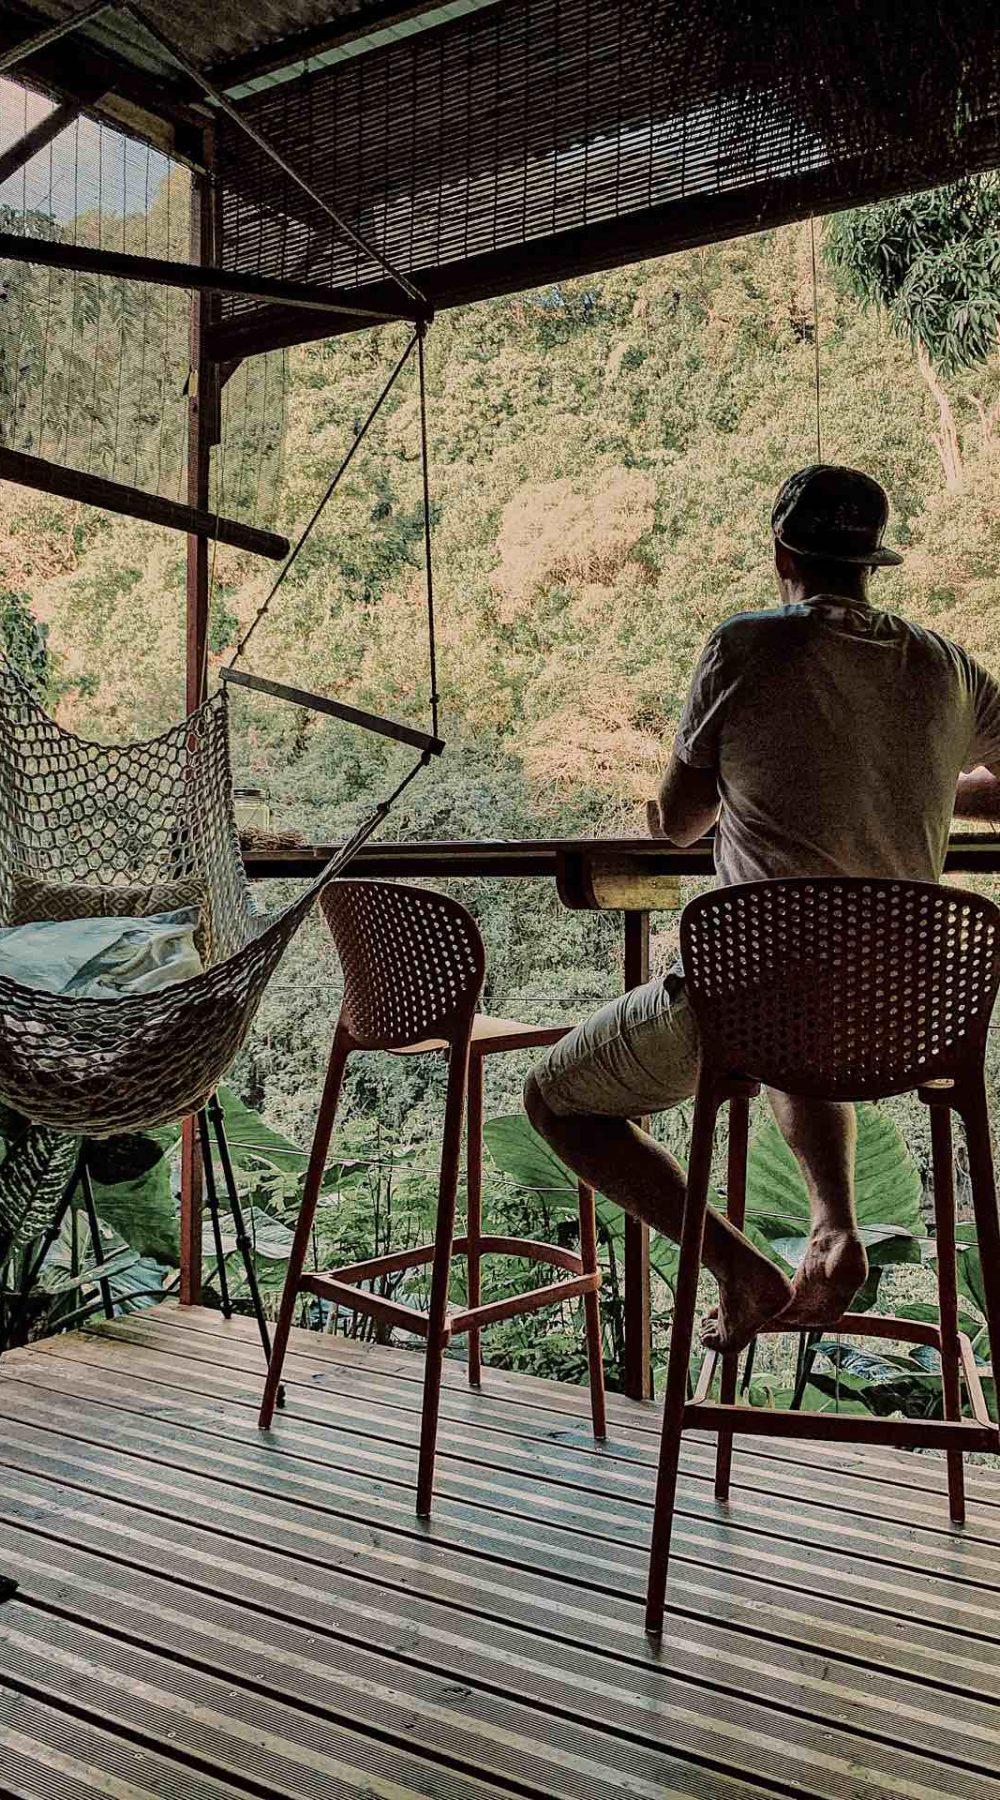 cabane ecologique airbnb la reunion